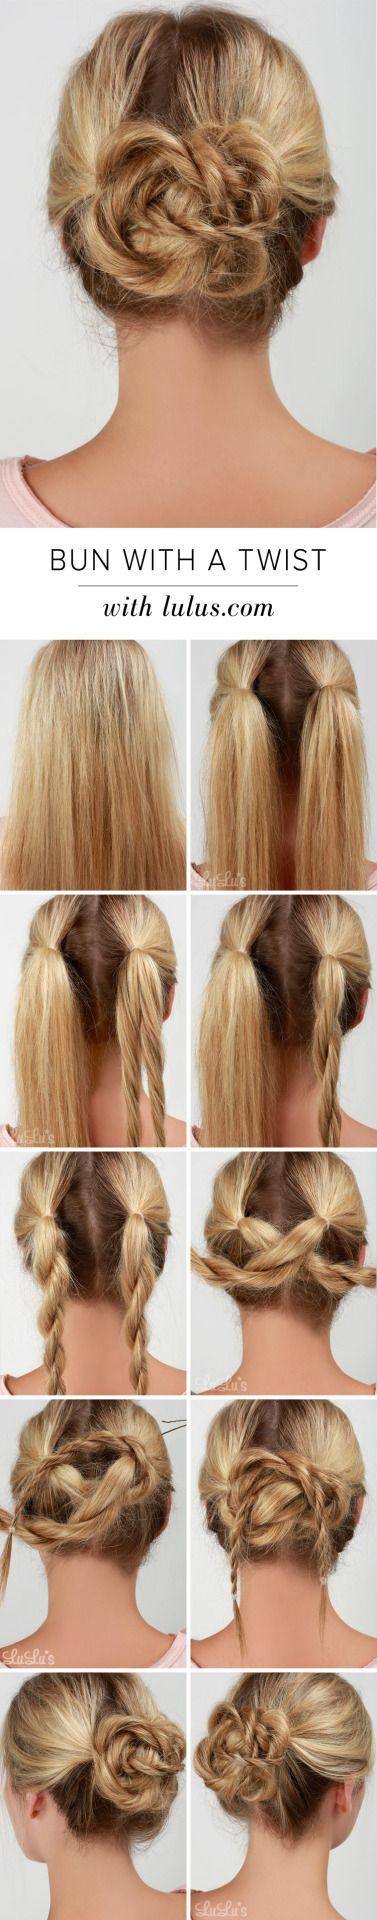 Bun with a Twist Hair Tutorial